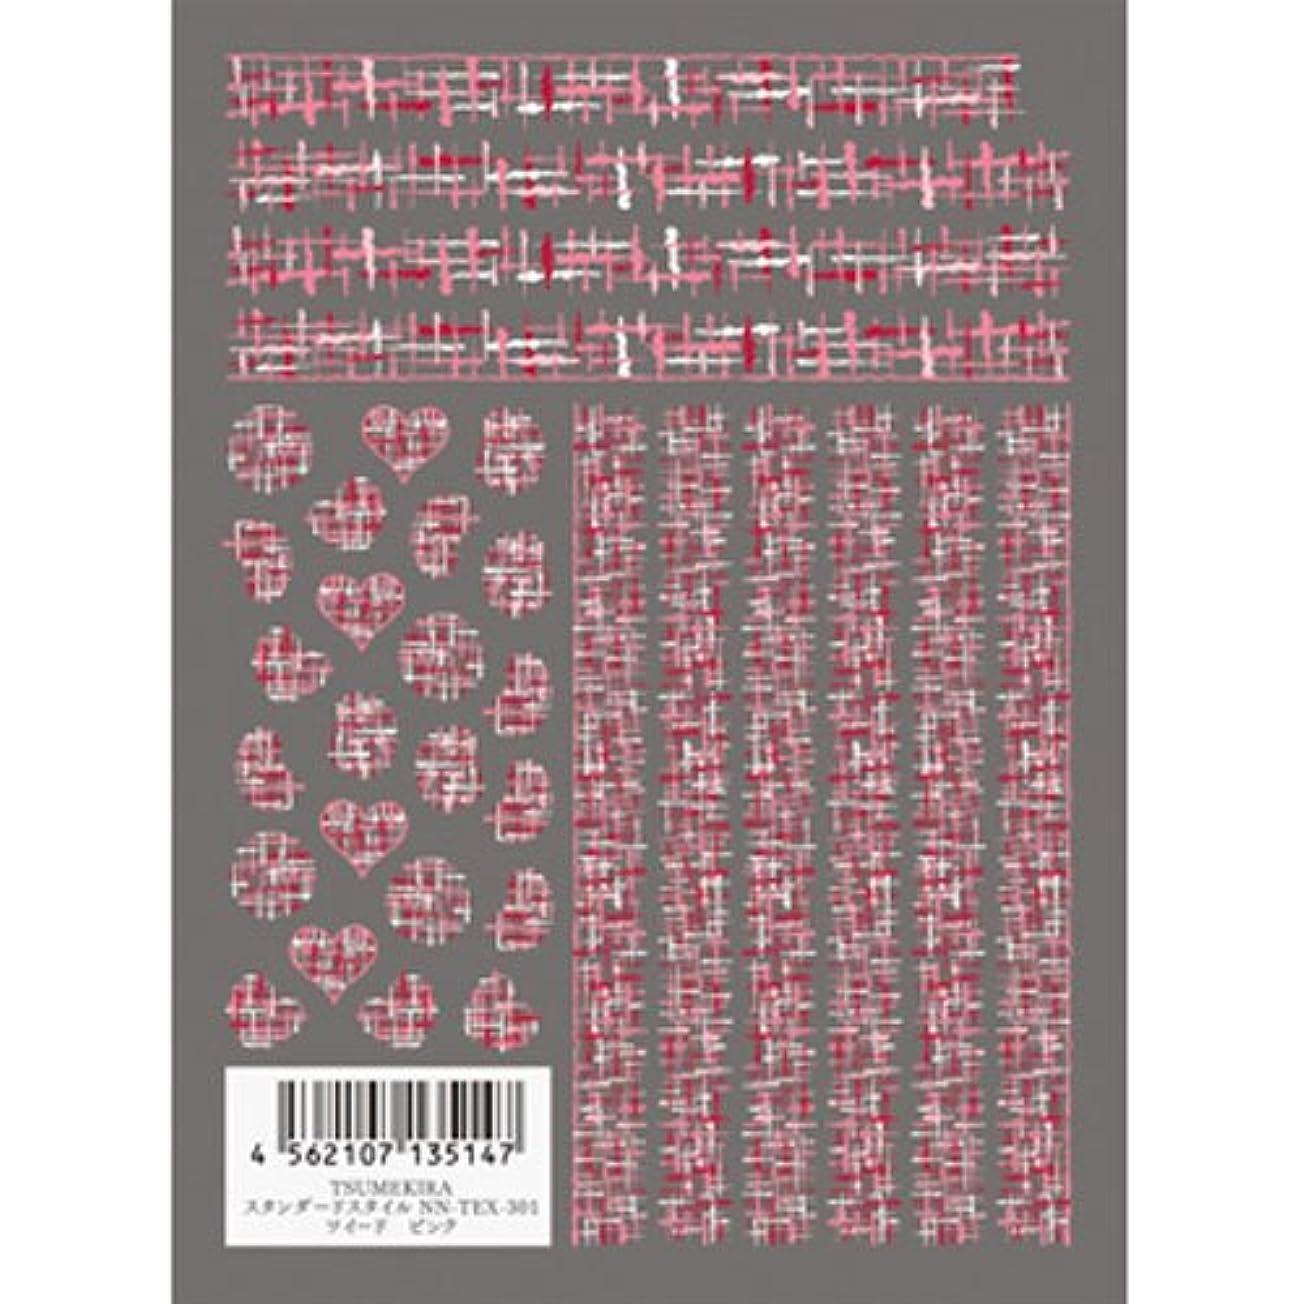 羊ダース侮辱ツメキラ ネイル用シール スタンダードスタイル ツイードピンク  NN-TEX-301